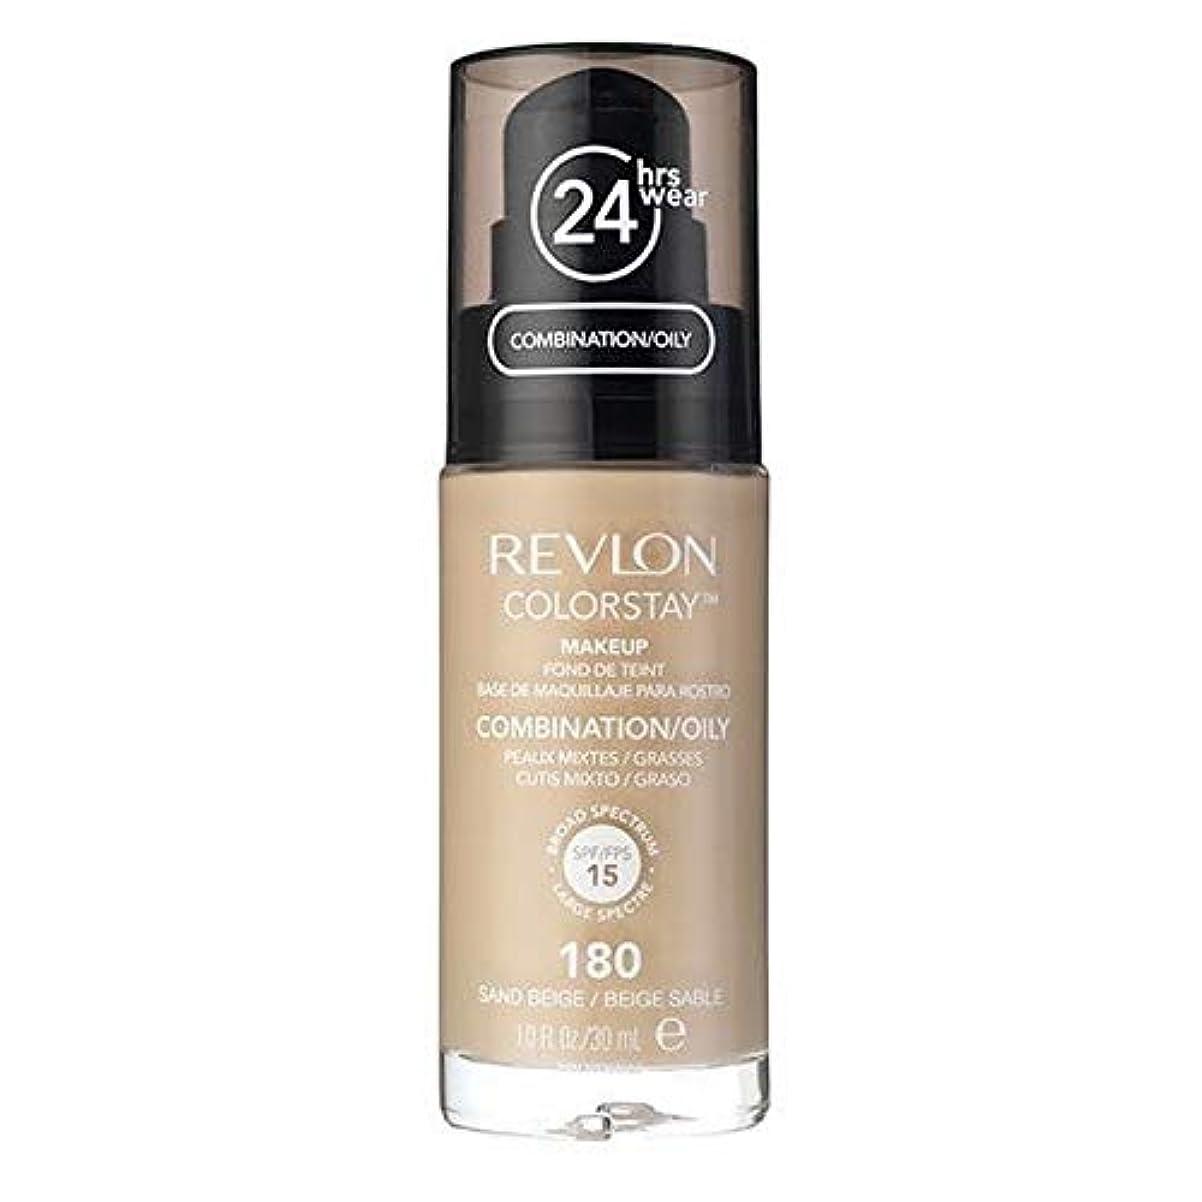 フローティング理想的には不足[Revlon ] レブロンカラーステイ基盤コンビ/油性サンドベージュ30ミリリットル - Revlon Color Stay Foundation Combi/Oily Sand Beige 30ml [並行輸入品]